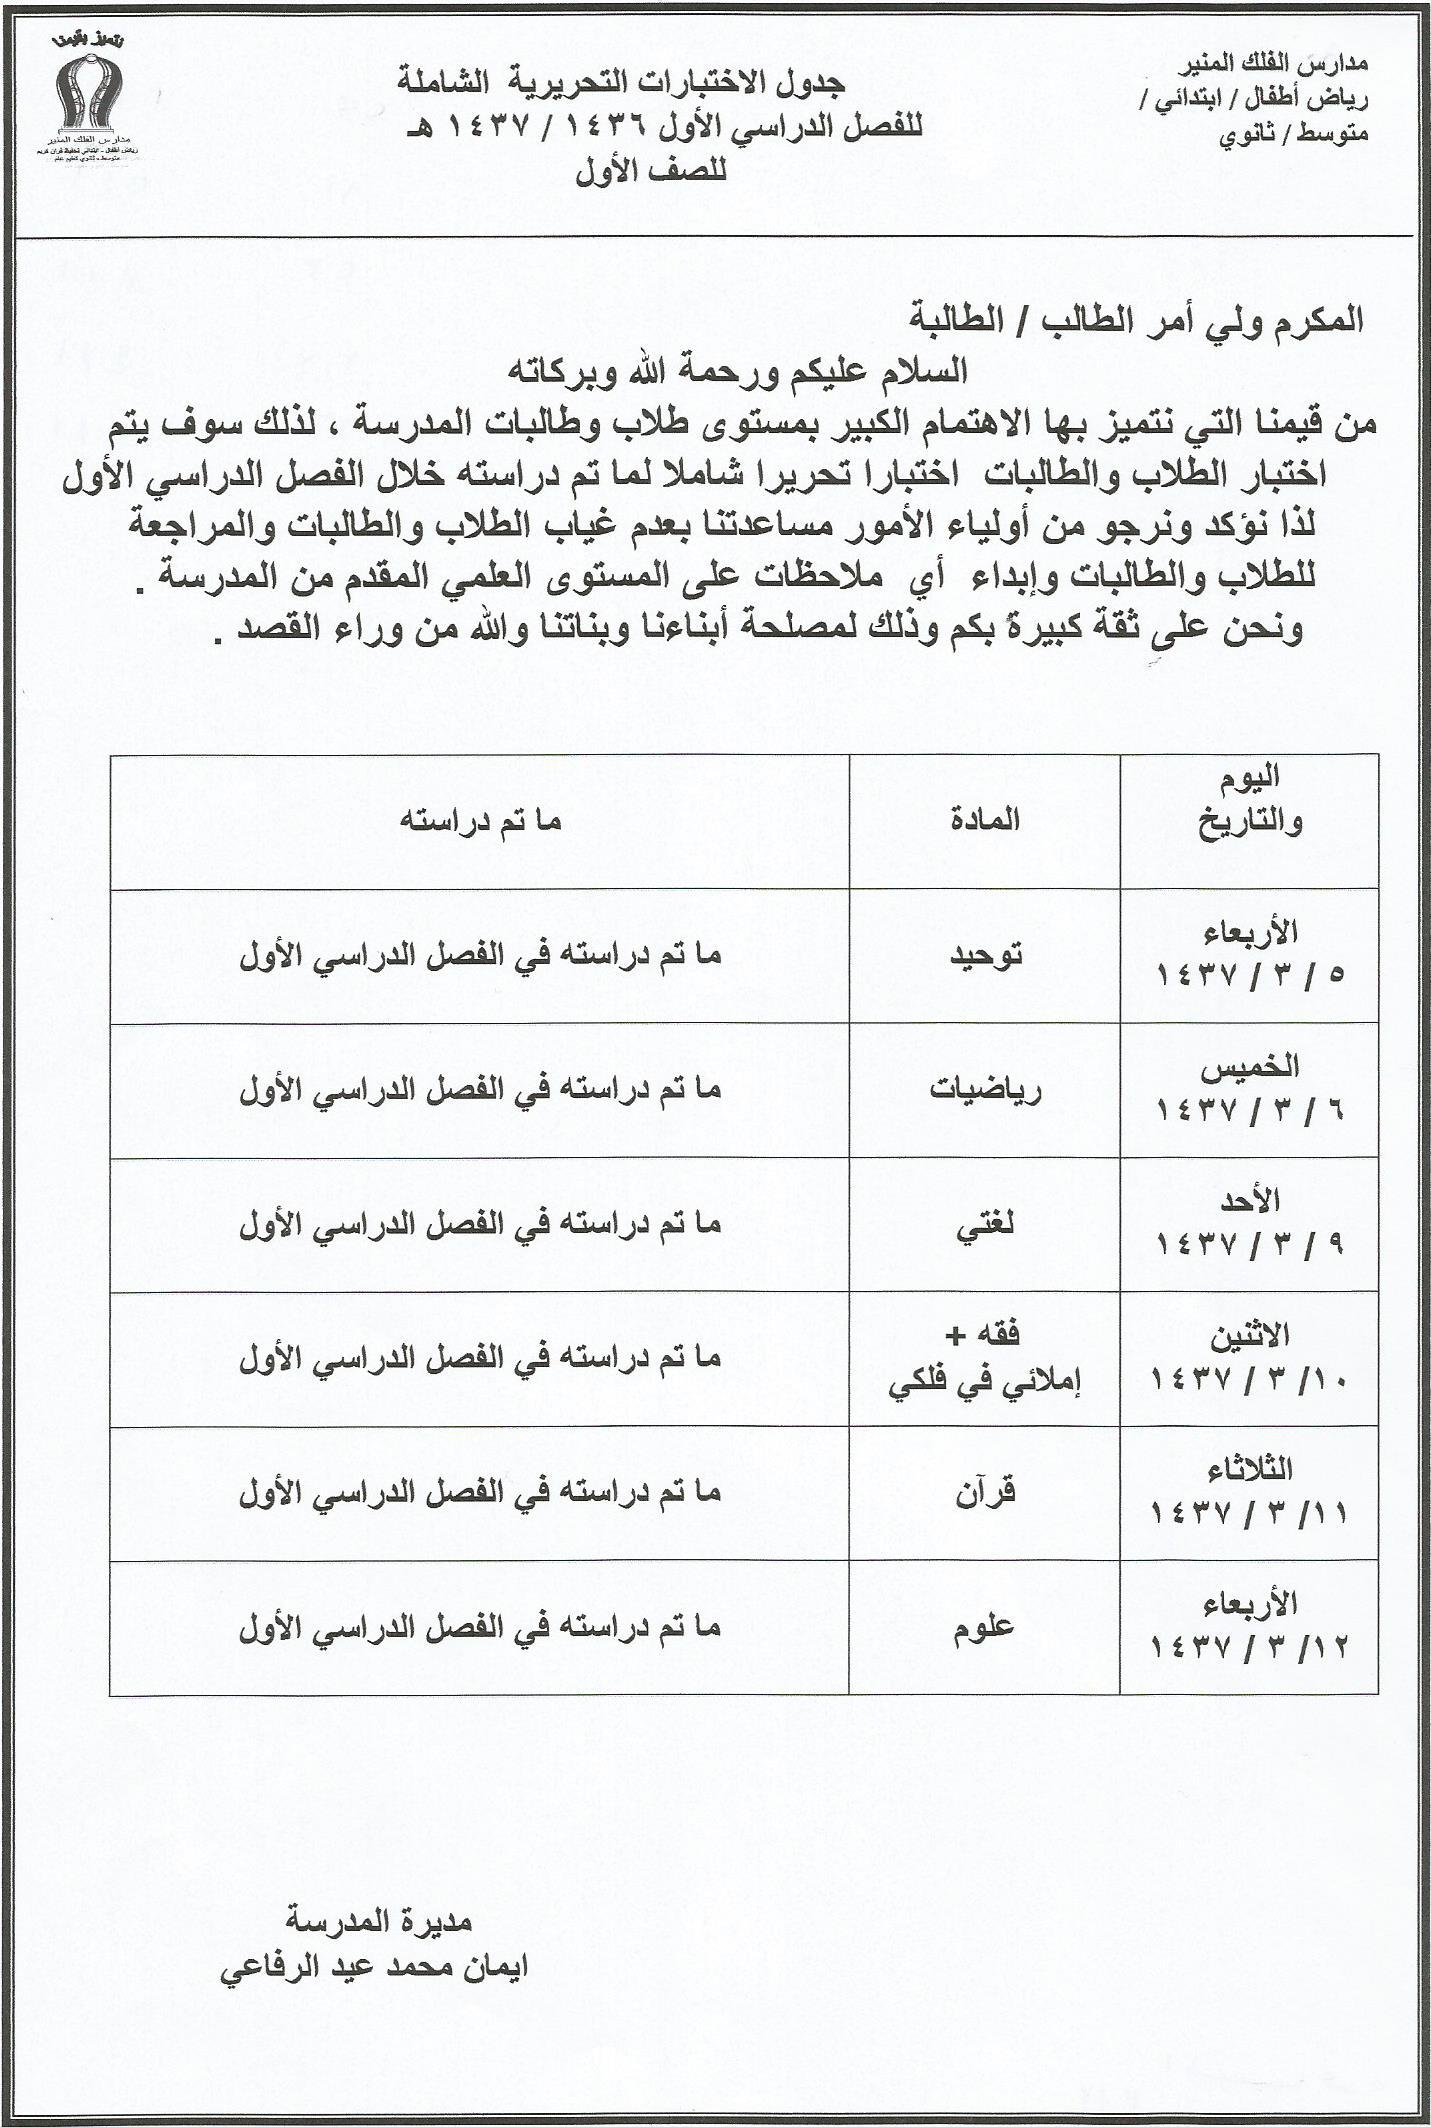 جداول الأختبارات التحريرية الشاملة للفصل الدراسي الأول لعـ36-37ـــام للمرحلة الأبتدائية